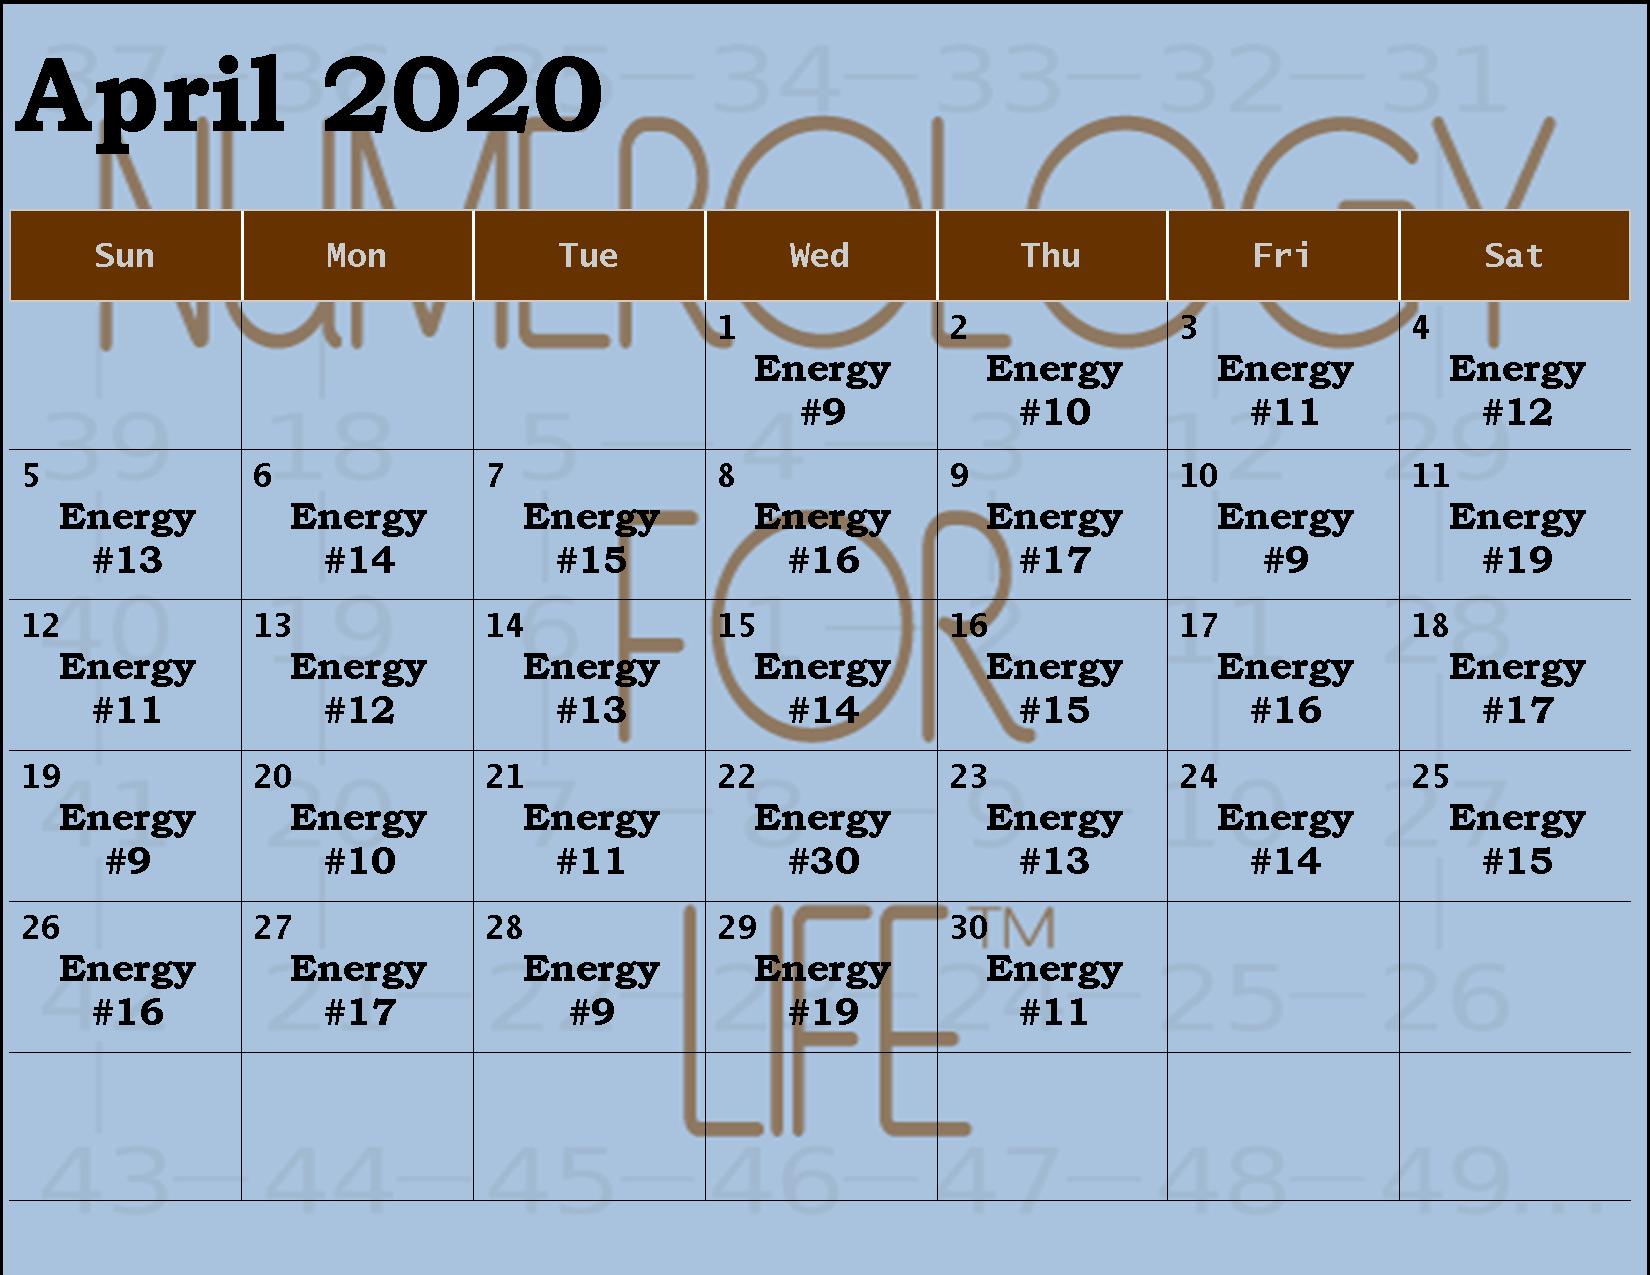 2020 APR